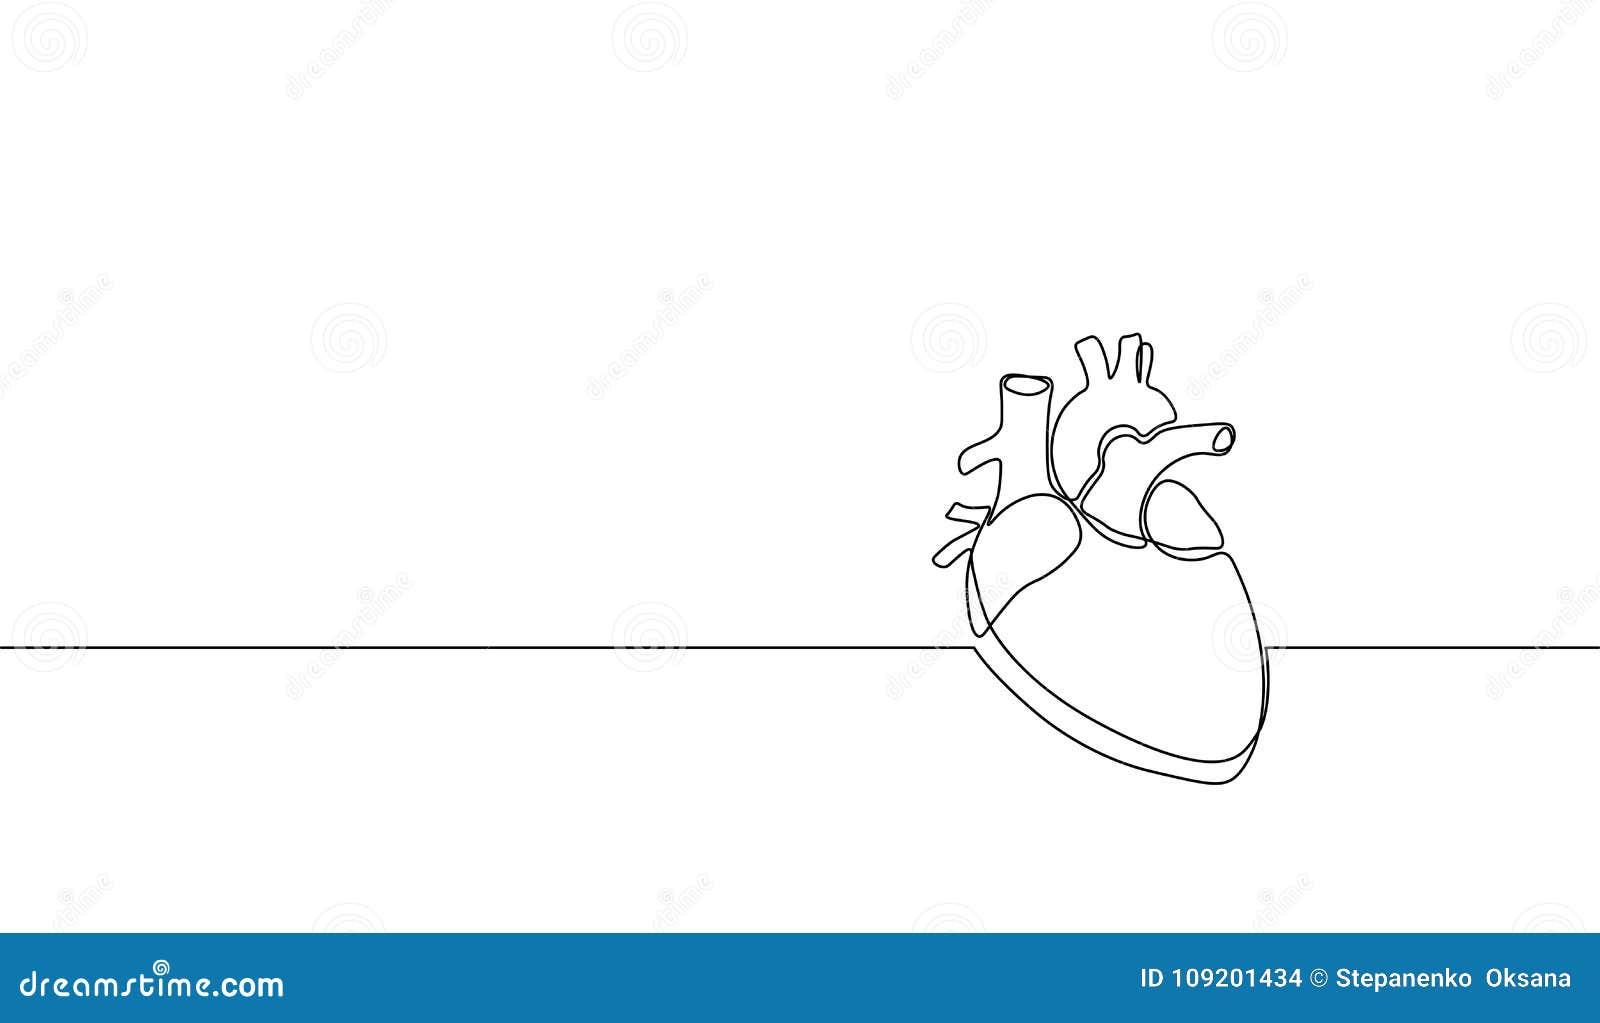 Encantador Anatomía Videos En Línea Imagen - Imágenes de Anatomía ...